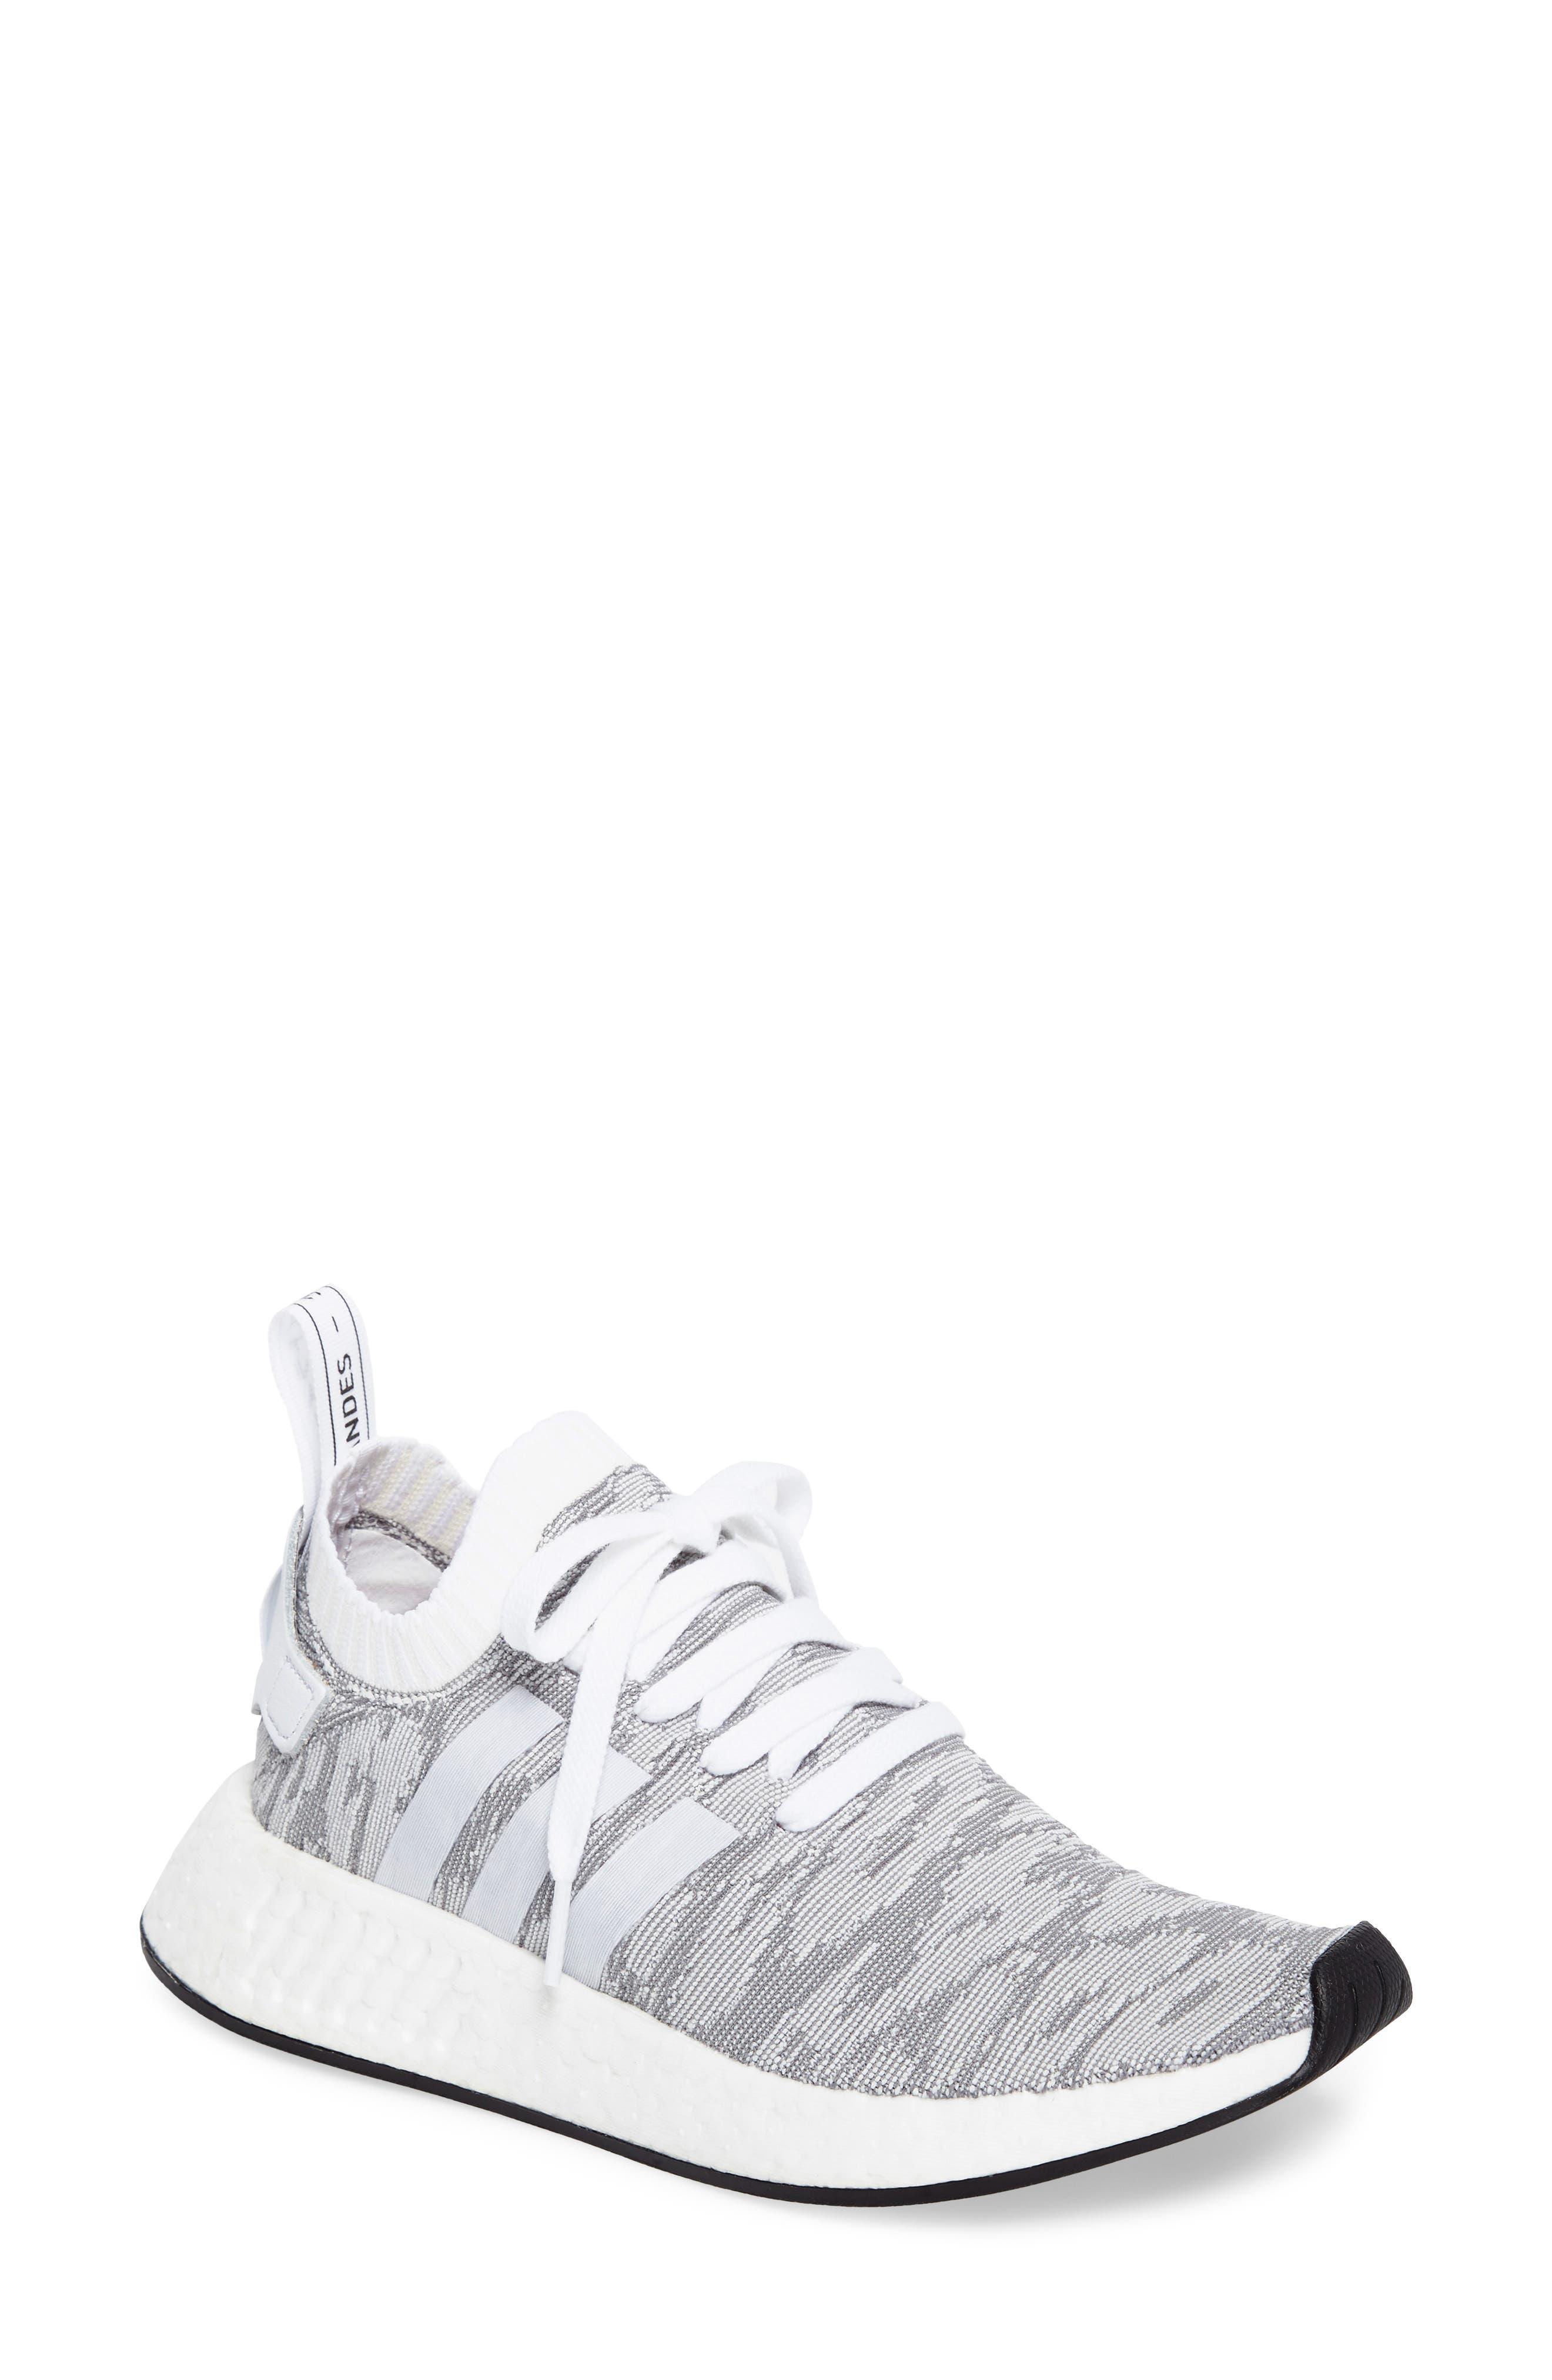 revisione adidas nmd r2 primeknit scarpa da ginnastica femminile adidas